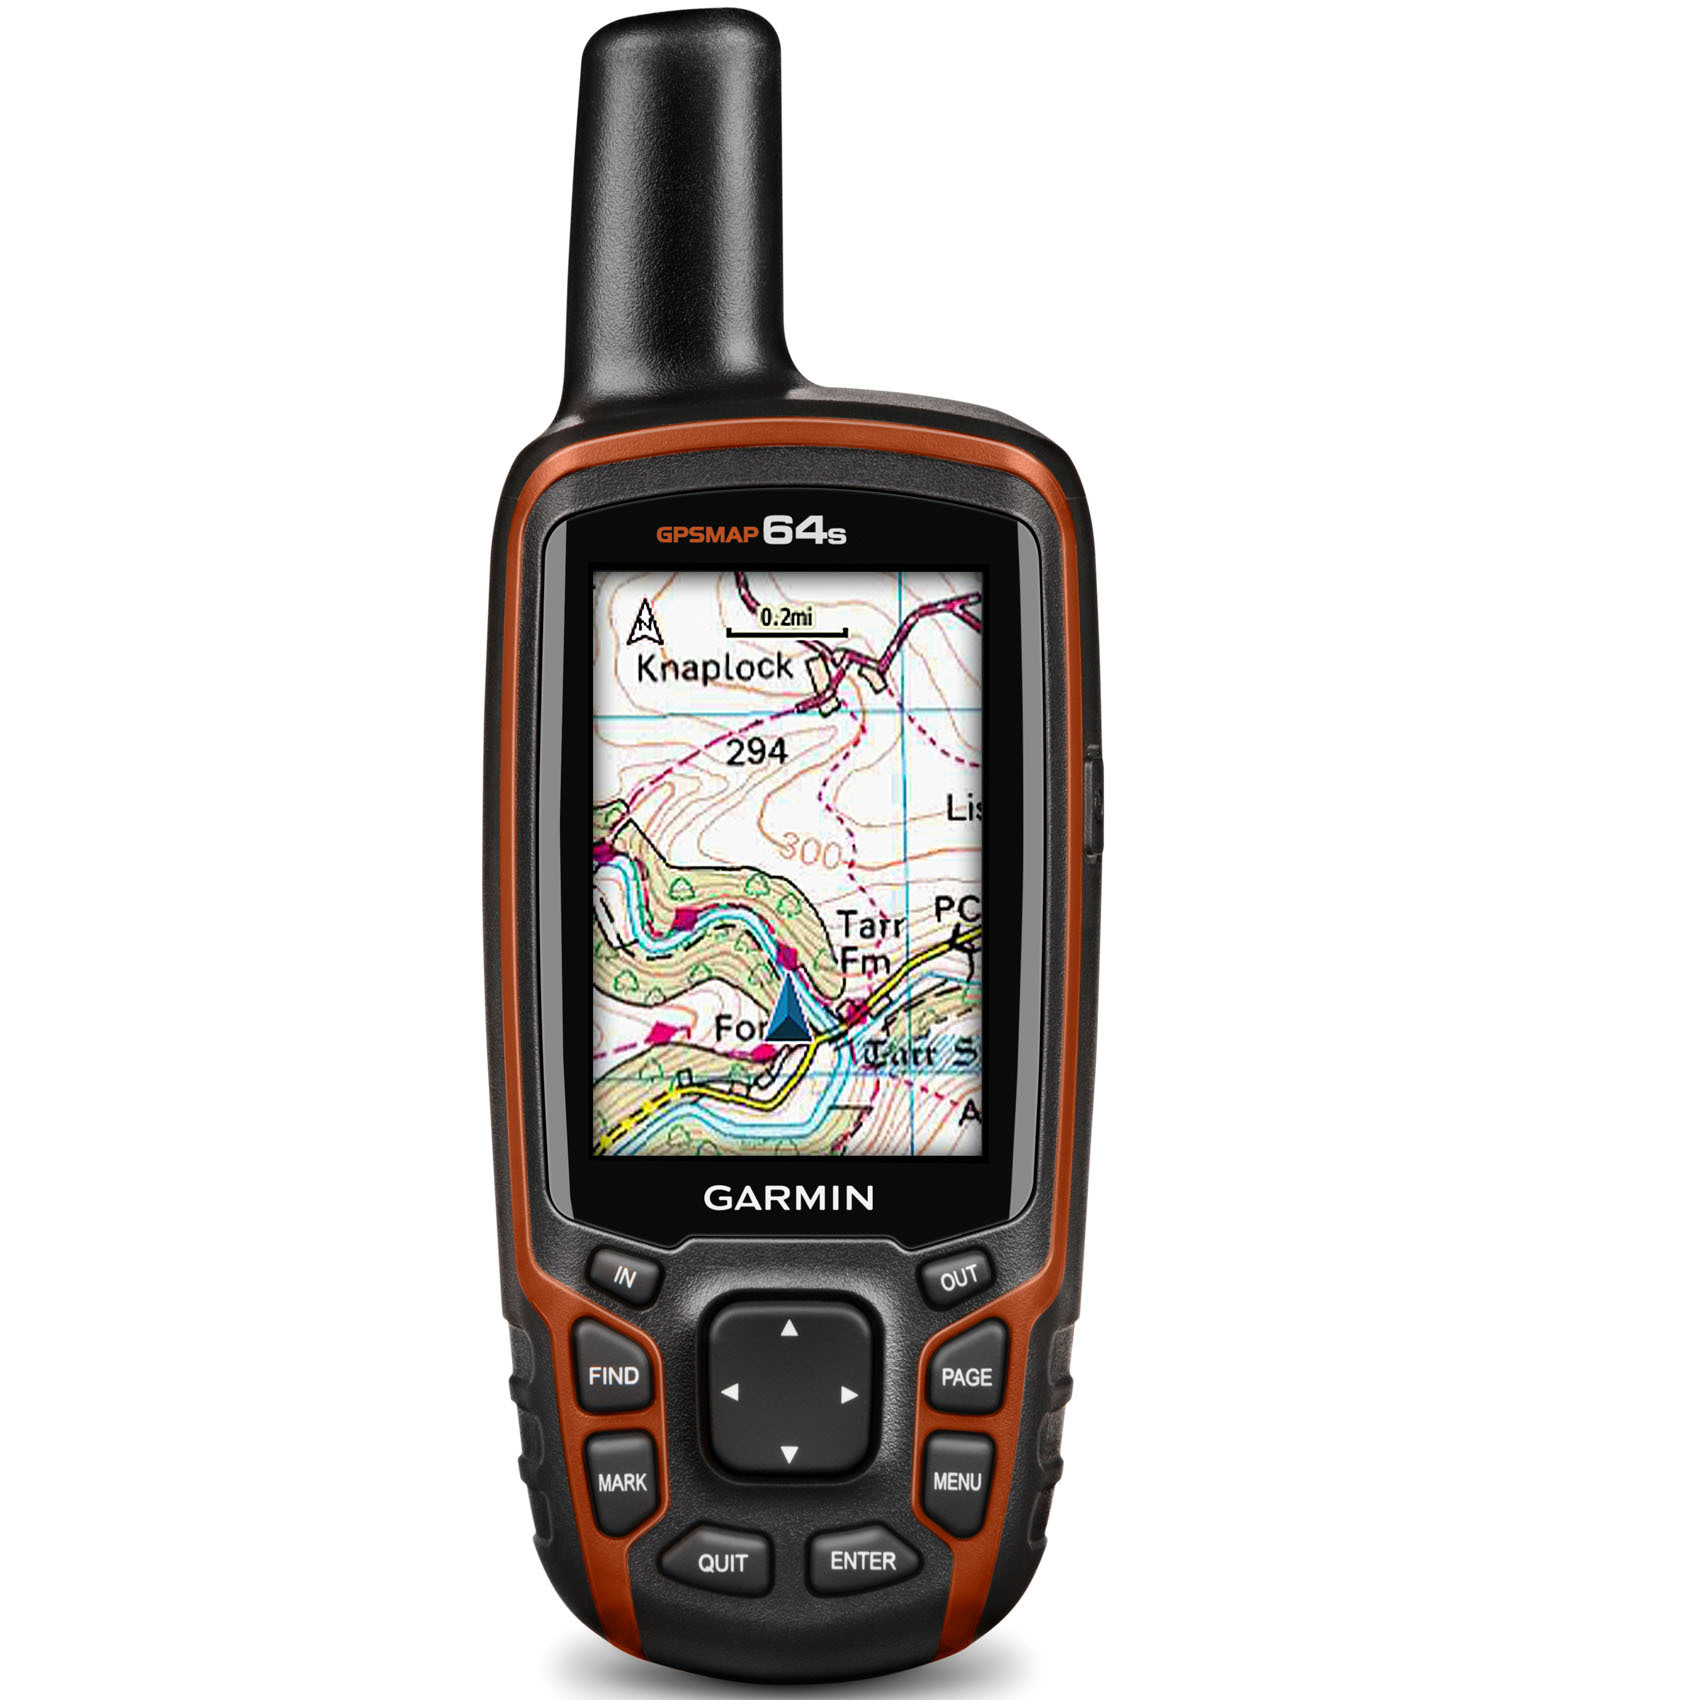 GARMIN GPS MAP 64S WORLD WIDE